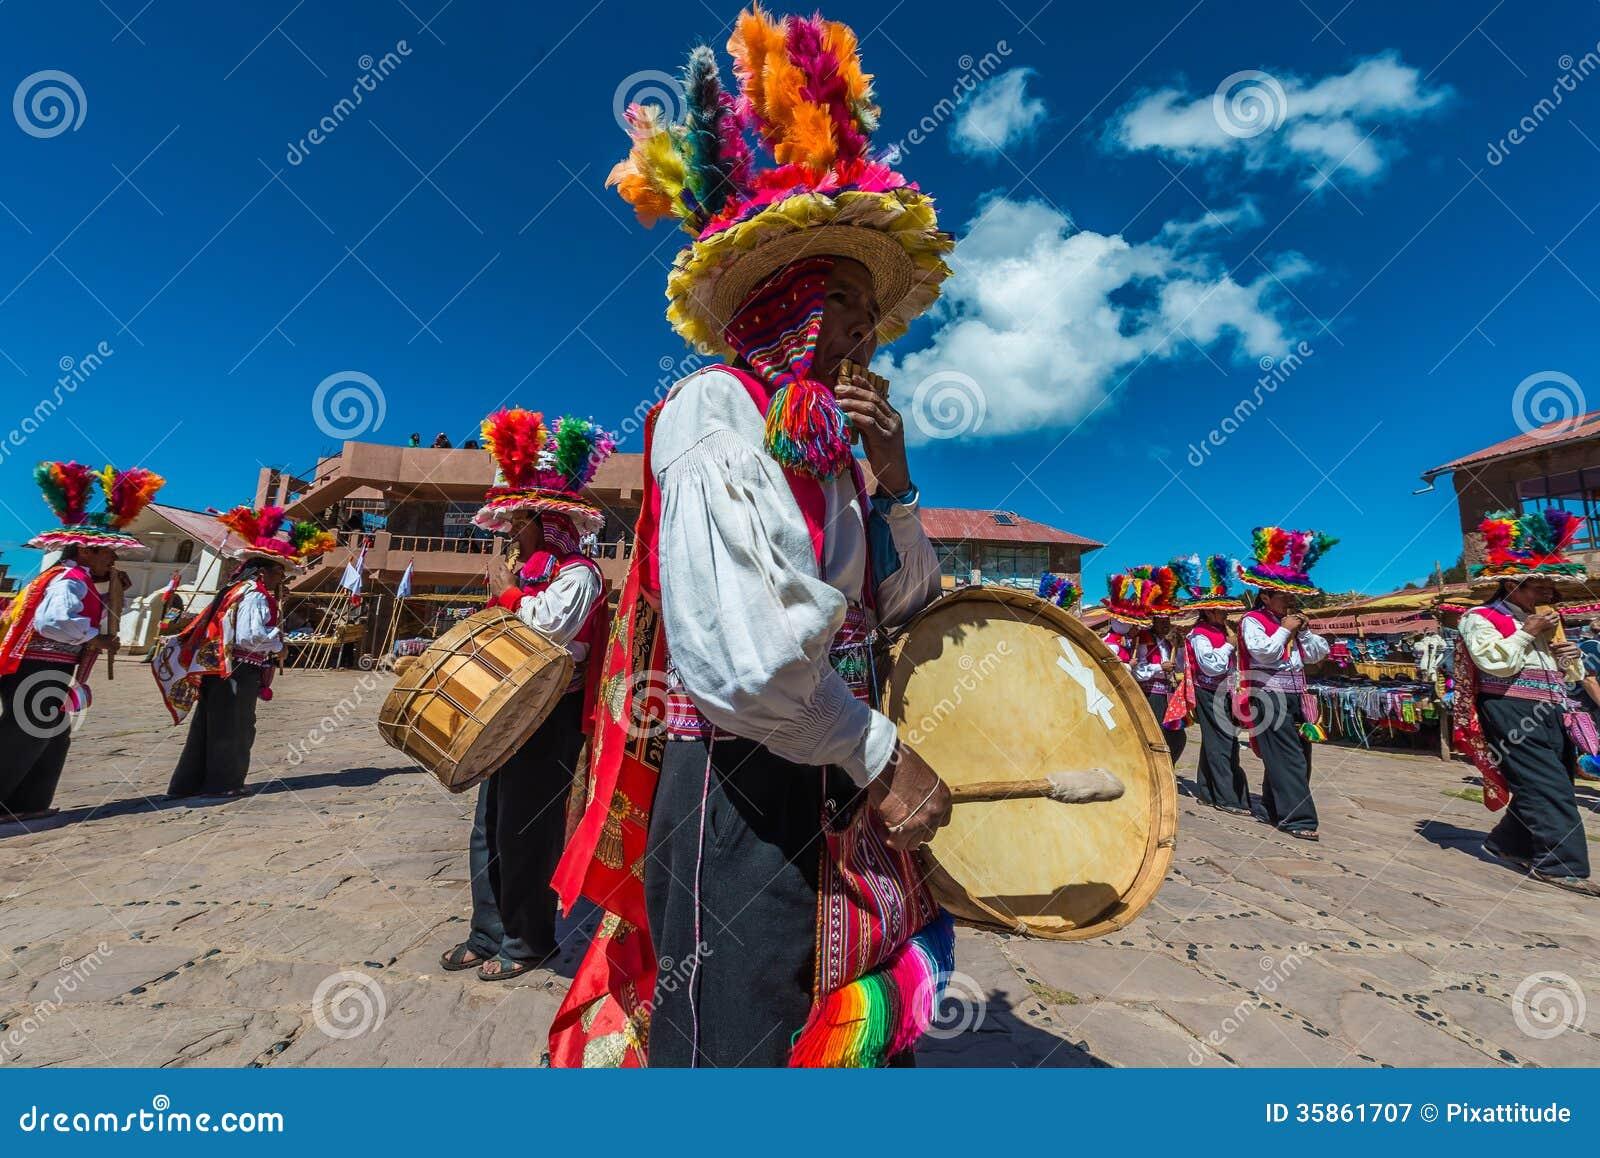 Musicisti e ballerini nelle Ande peruviane a Puno Perù